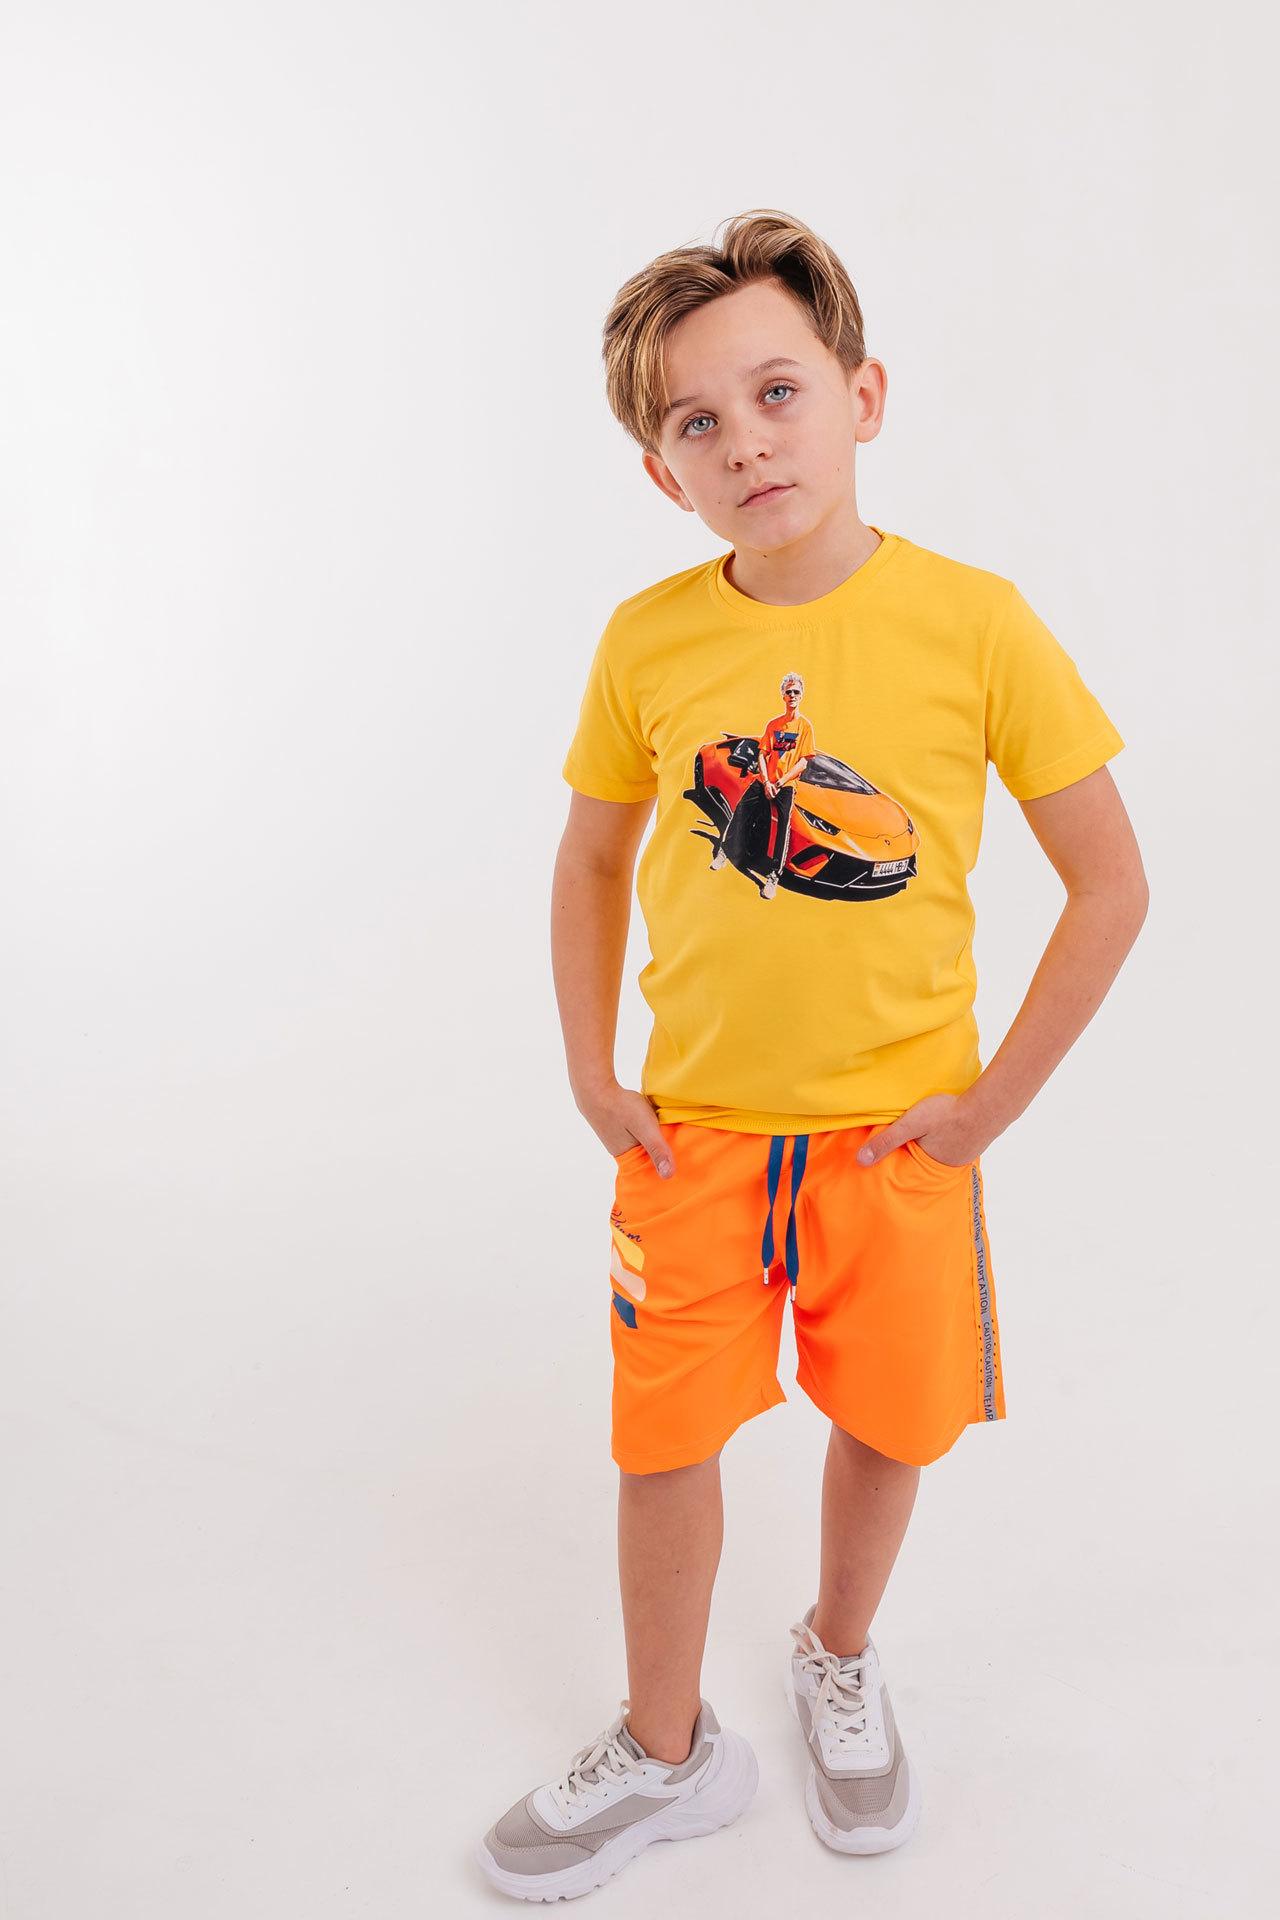 Шорты плавательные для мальчика лампас Cegisa Турция, 0682 (140-152)